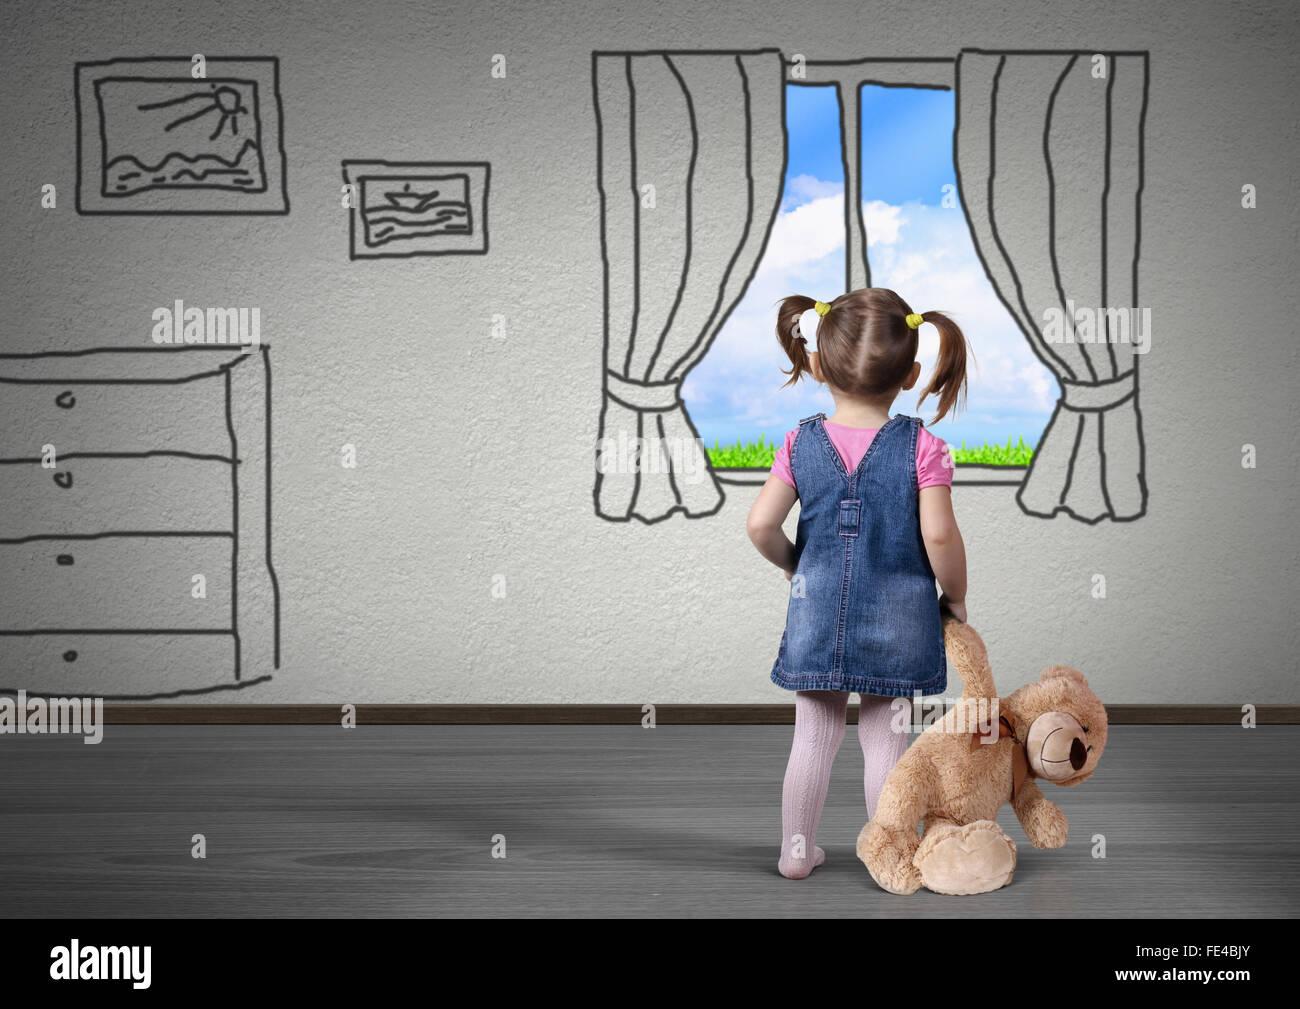 Bambino ragazza con orso giocattolo guardare nella finestra disegnata, concetto di sogno Immagini Stock